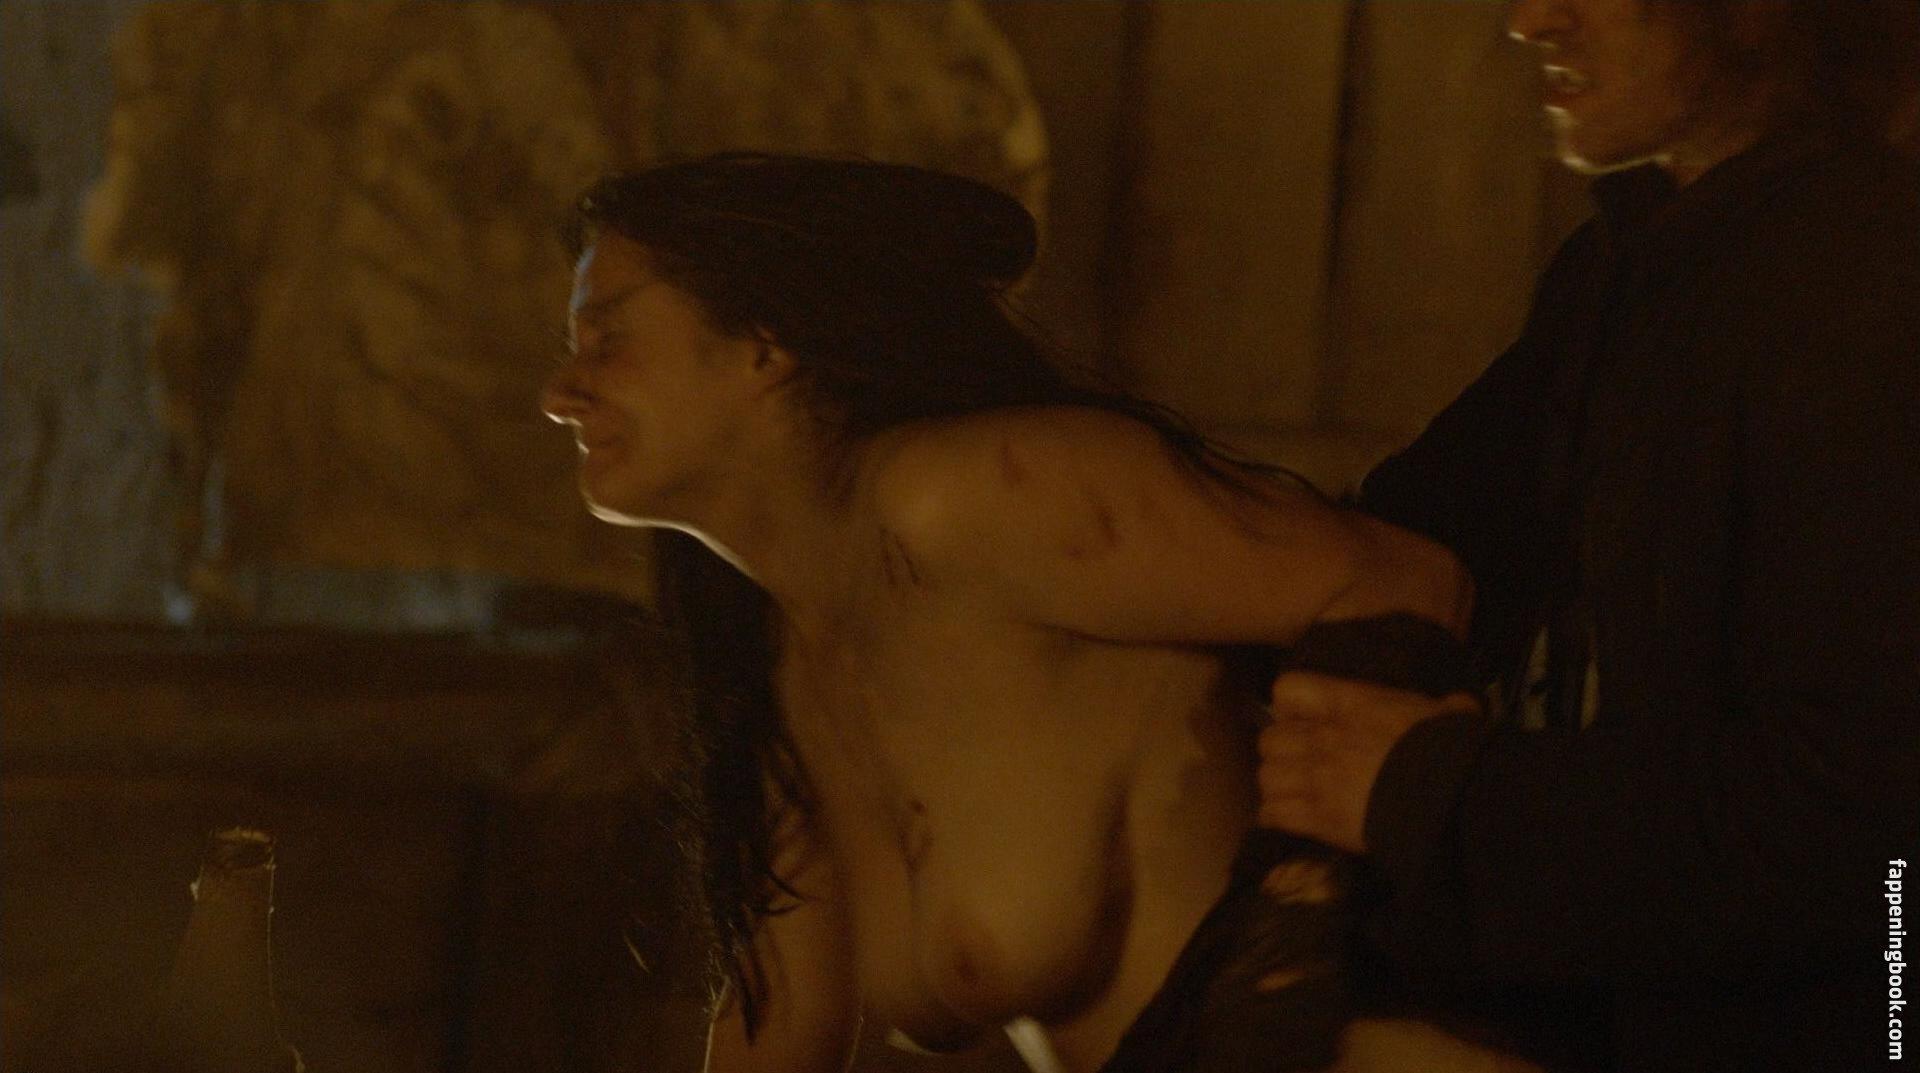 Aeryn walker nude